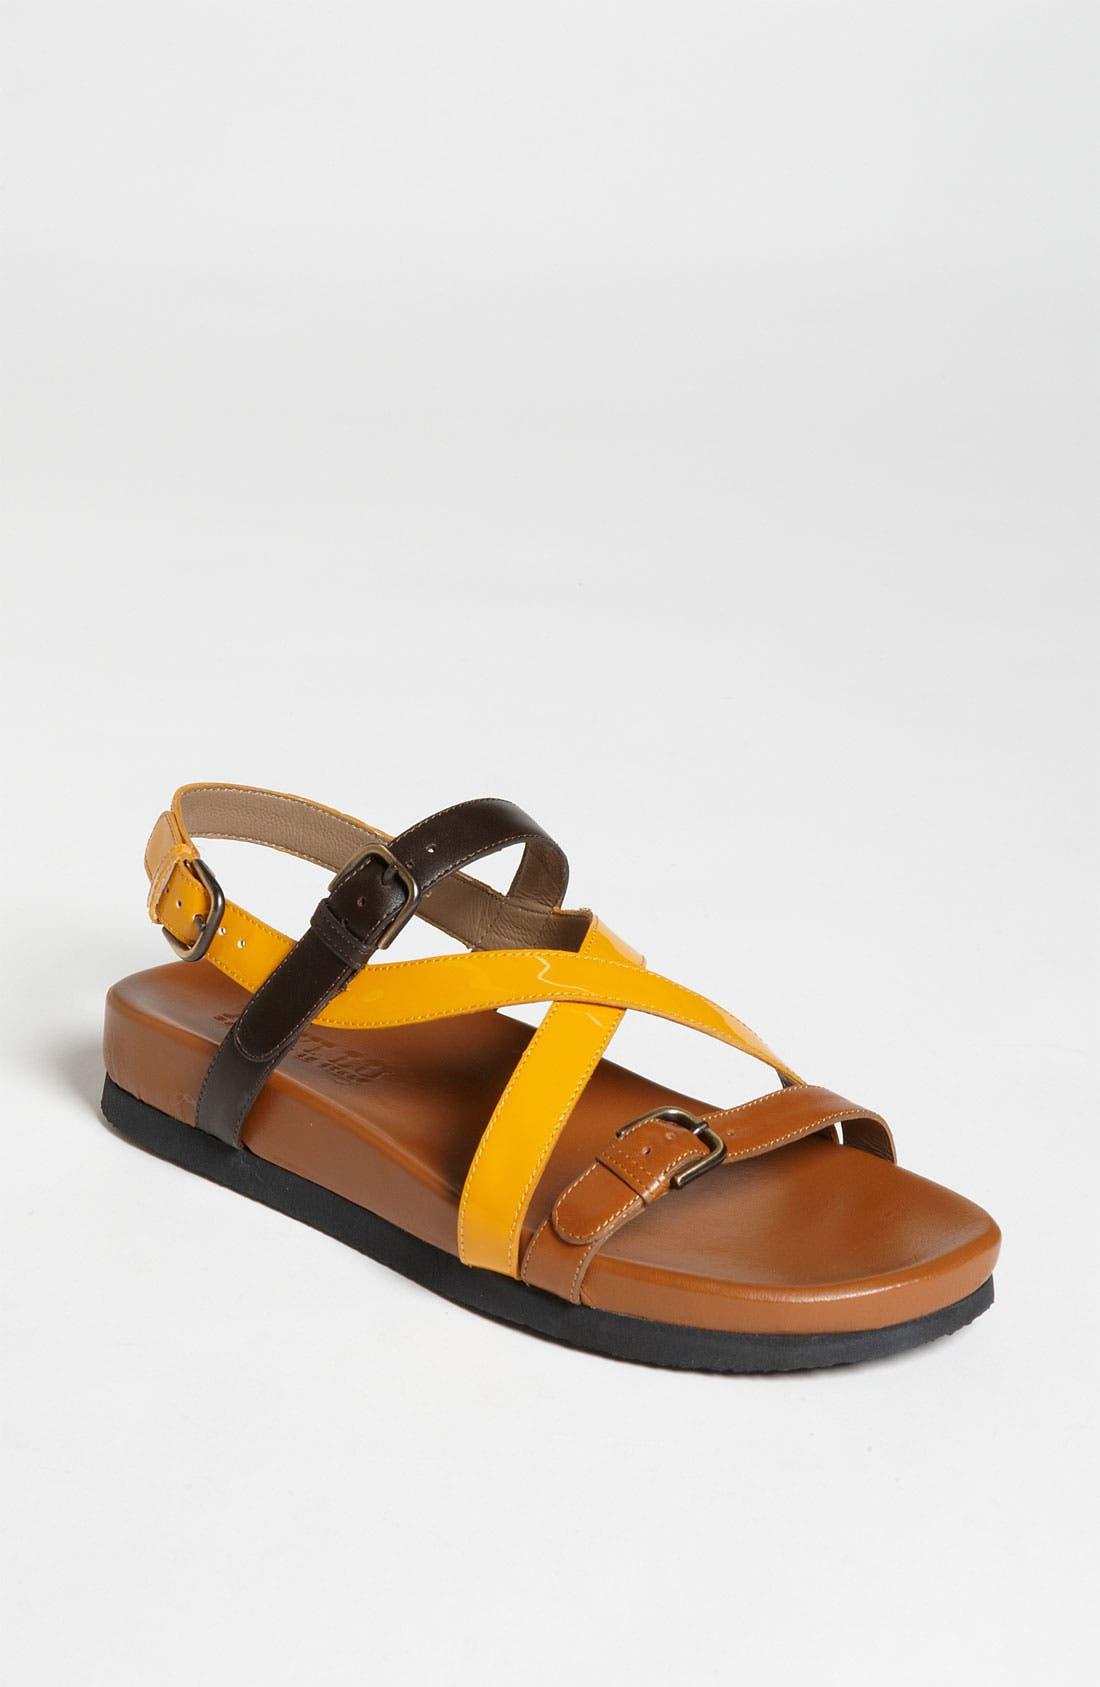 Alternate Image 1 Selected - Anyi Lu 'Vera' Sandal